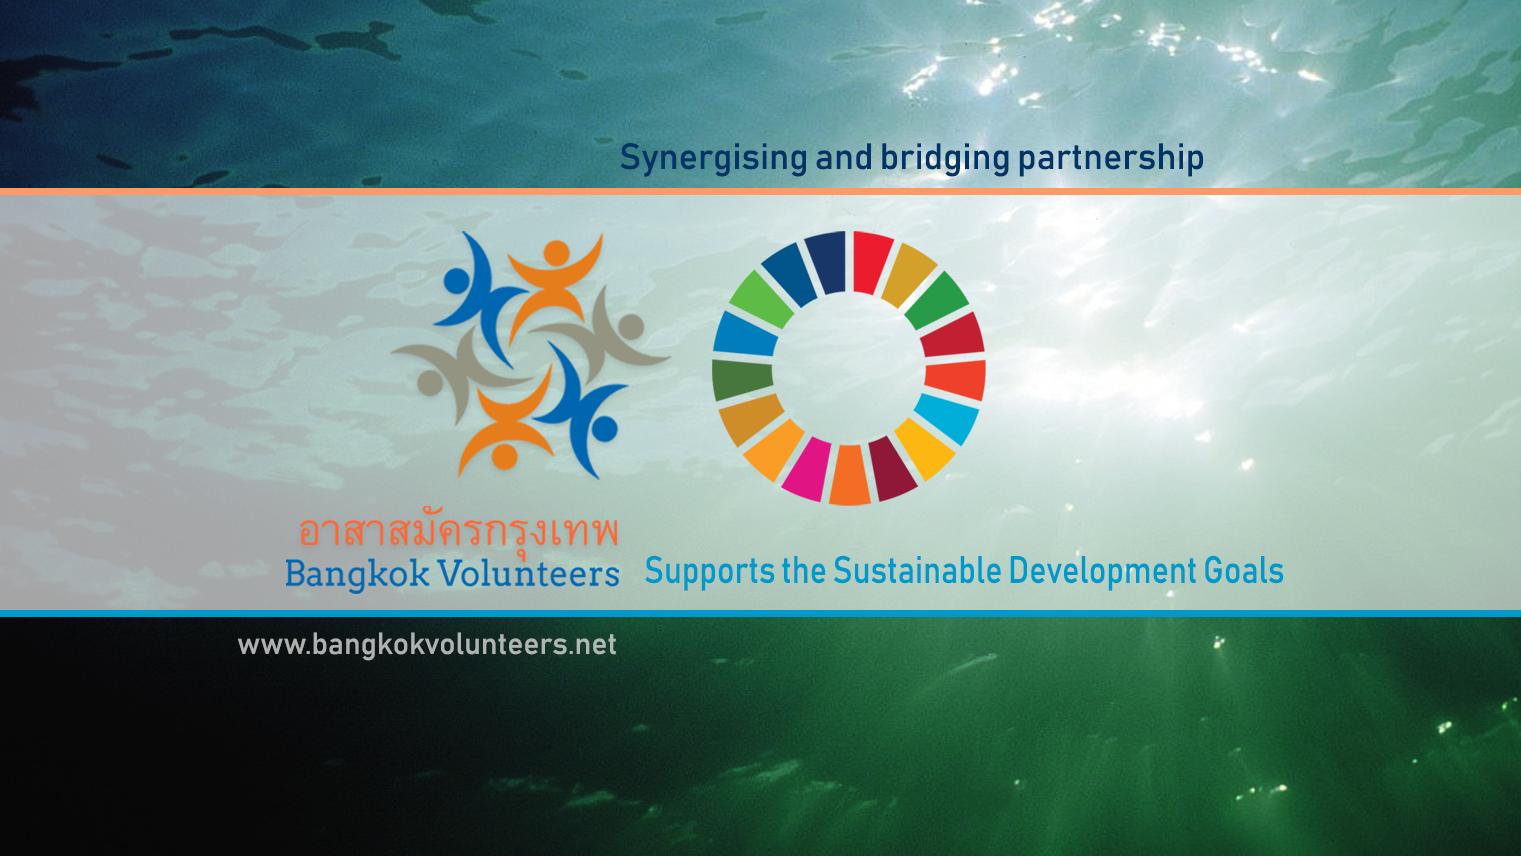 Bangkok Volunteers